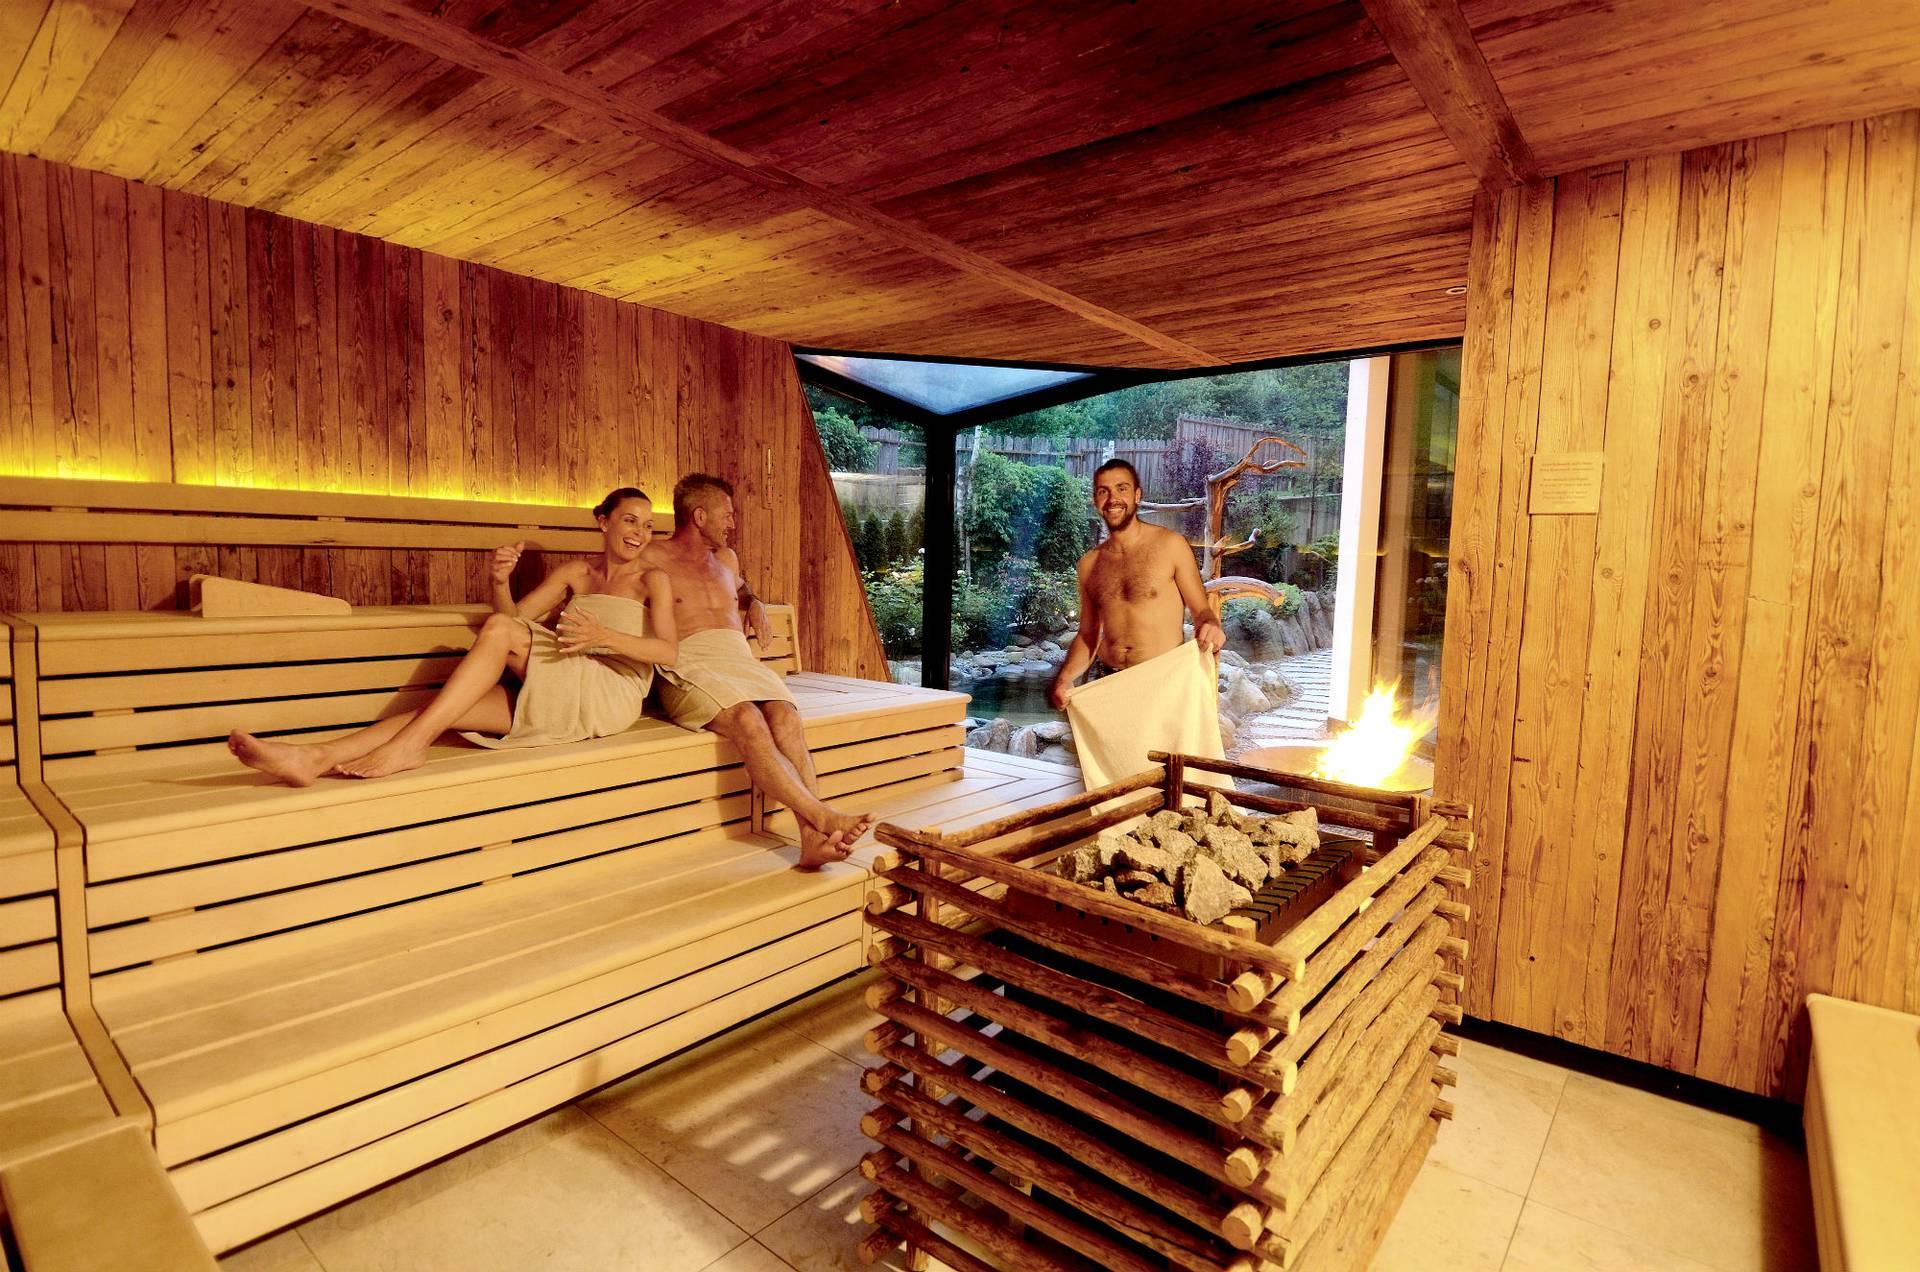 wellnesshotel s dtirol das passeirer saunad rfl. Black Bedroom Furniture Sets. Home Design Ideas